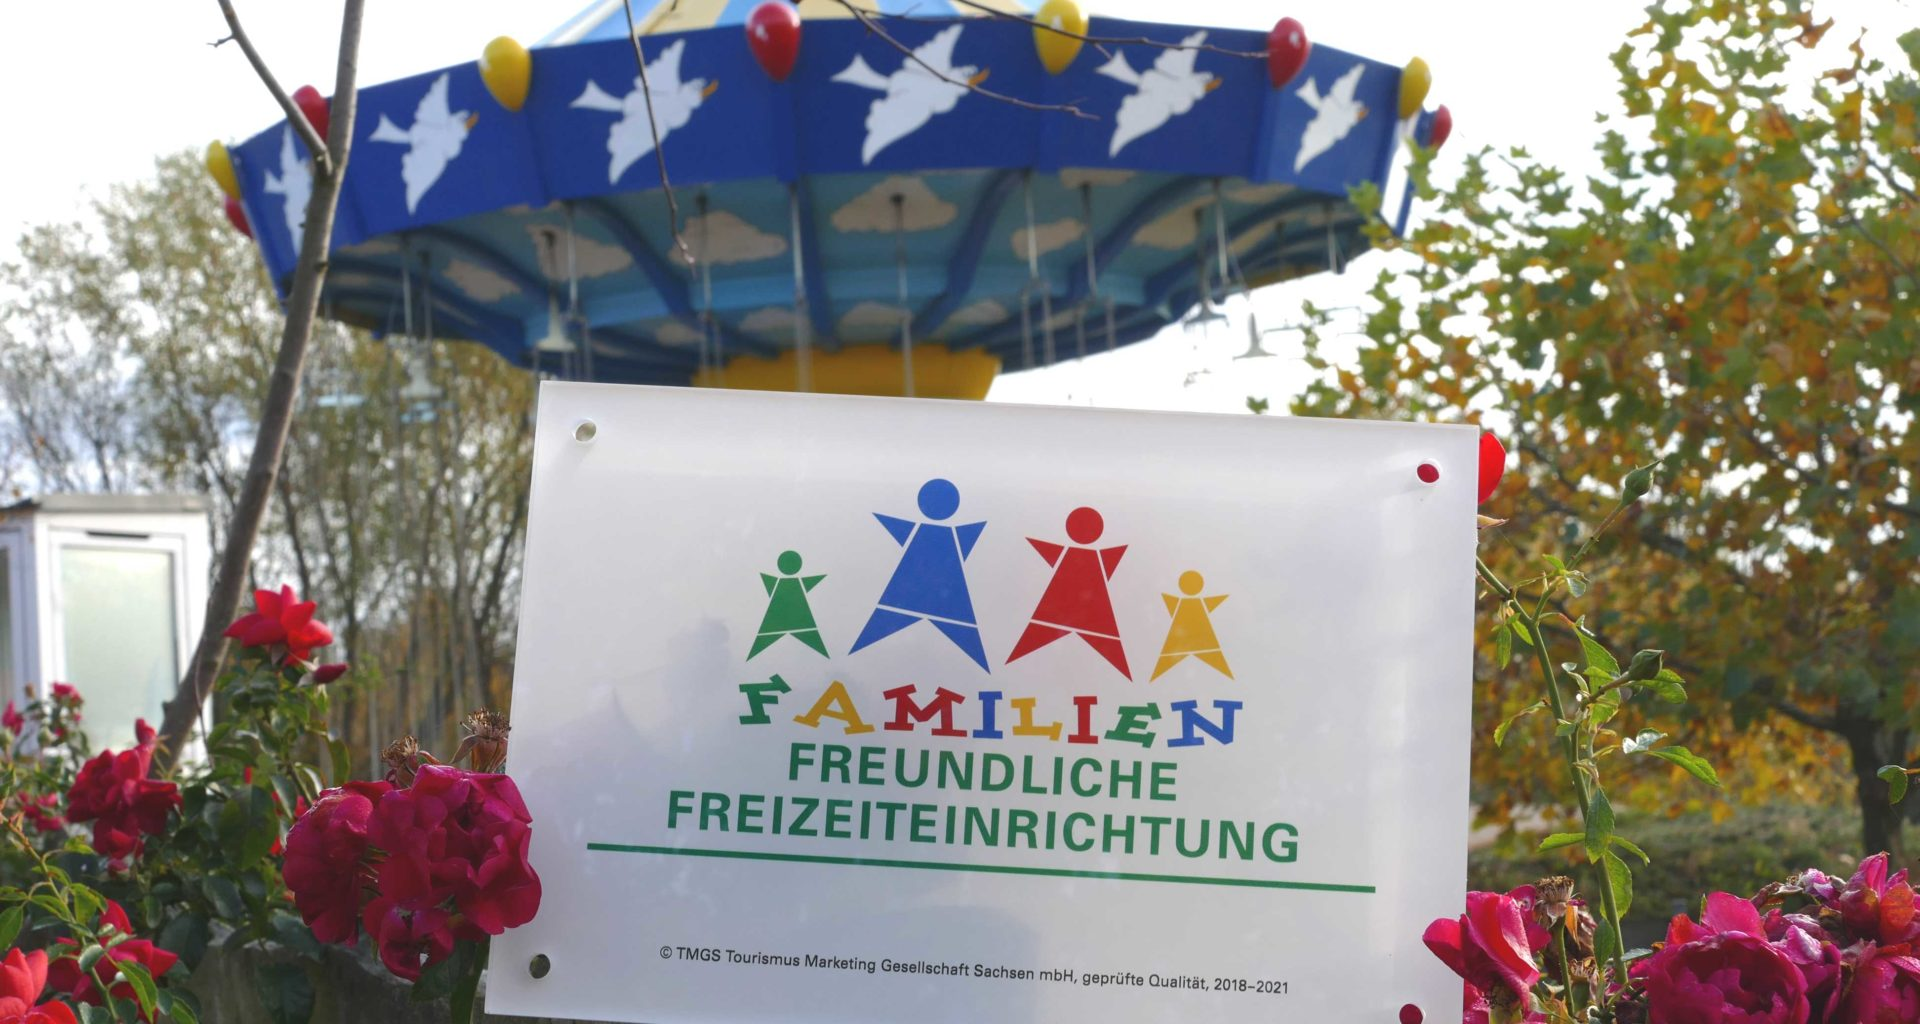 Familienfreundliche Freizeiteinrichtung